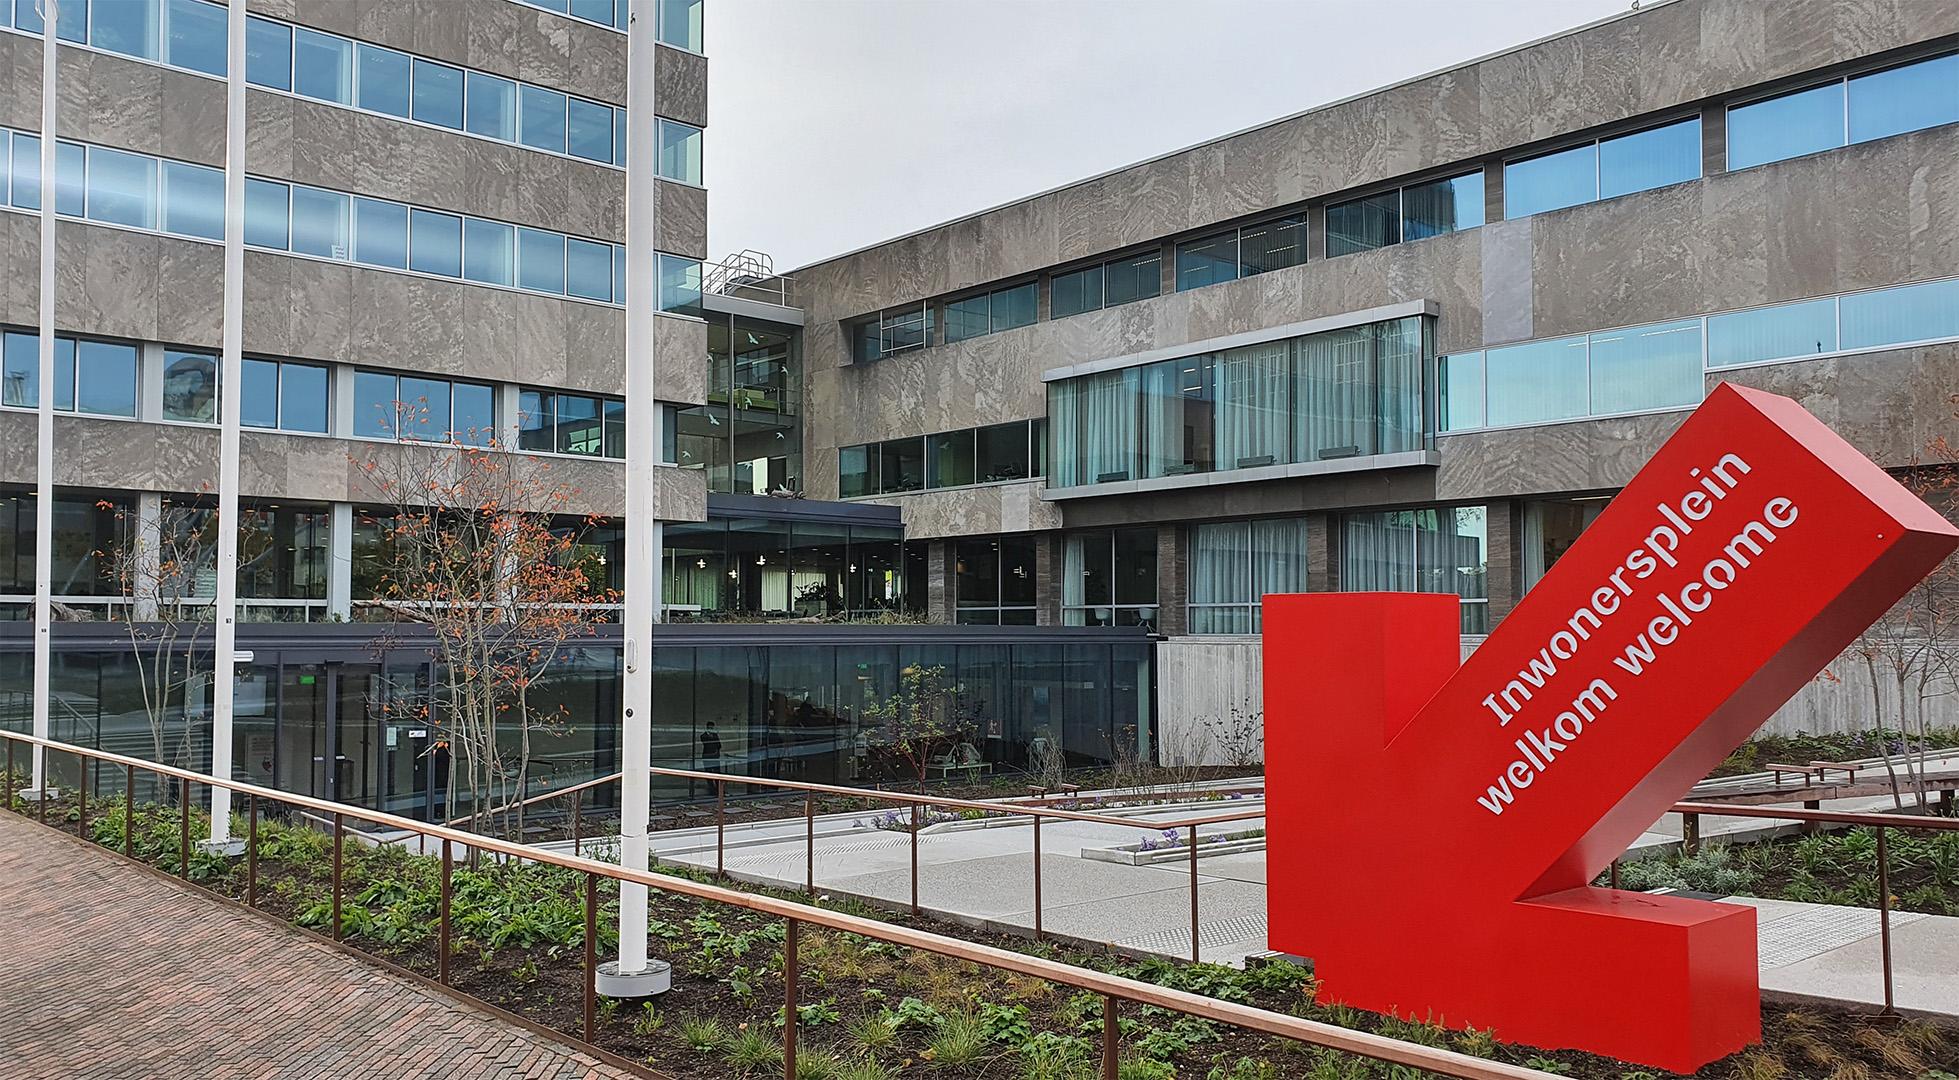 Renovatie Stadhuis(toren) Eindhoven wint Cobouw Duurzaamheidsaward 2020